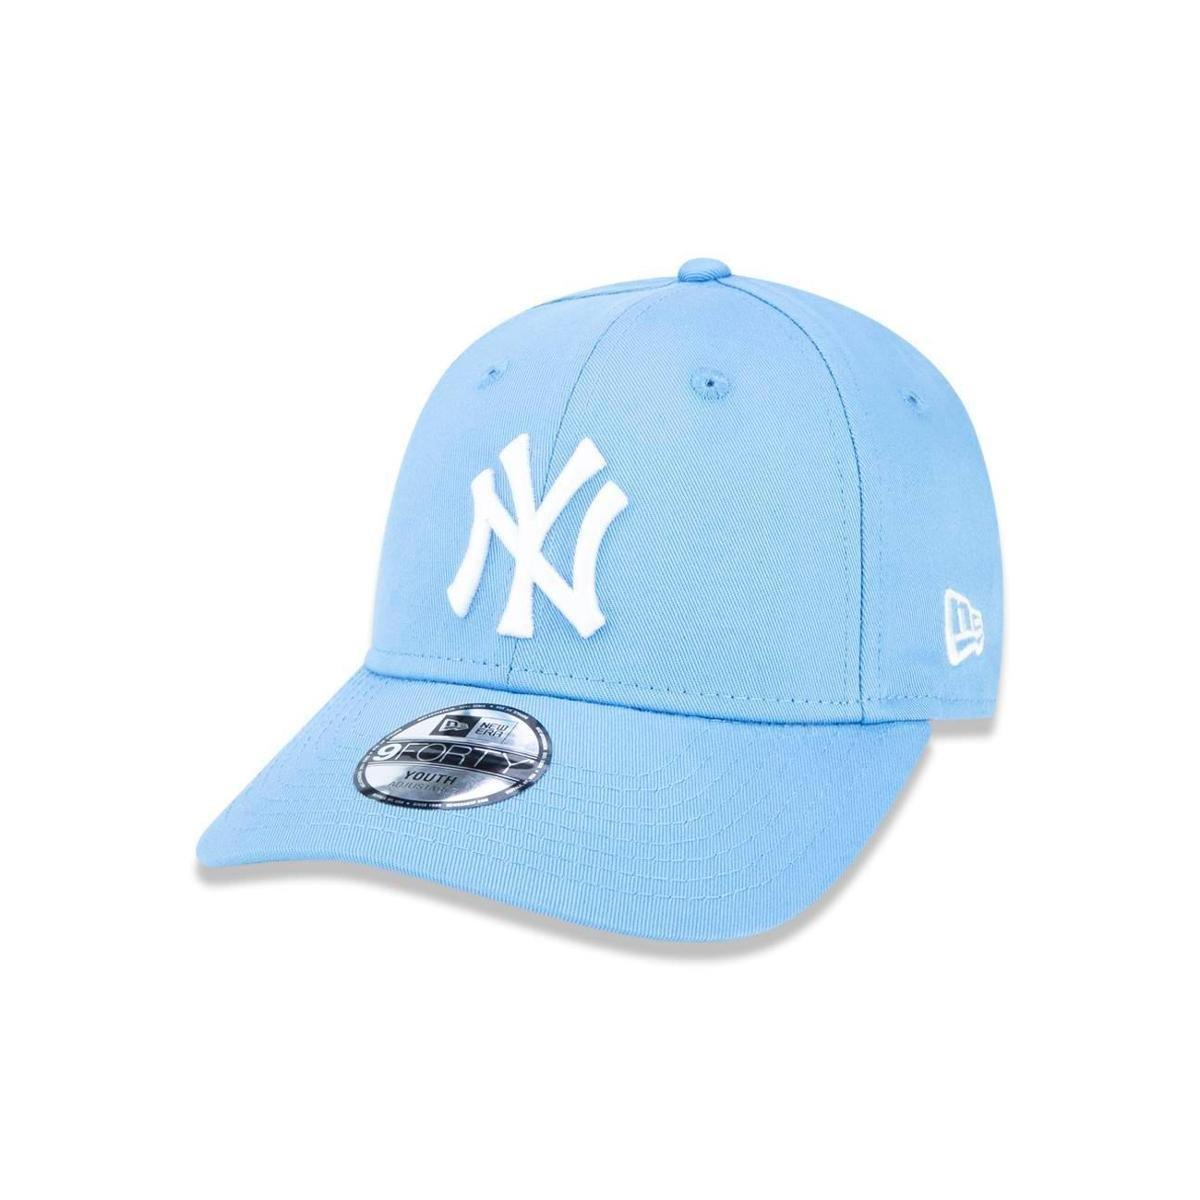 Boné 940 New York Yankees MLB Aba Curva New Era - Azul Claro - Compre Agora   814fe8205e0